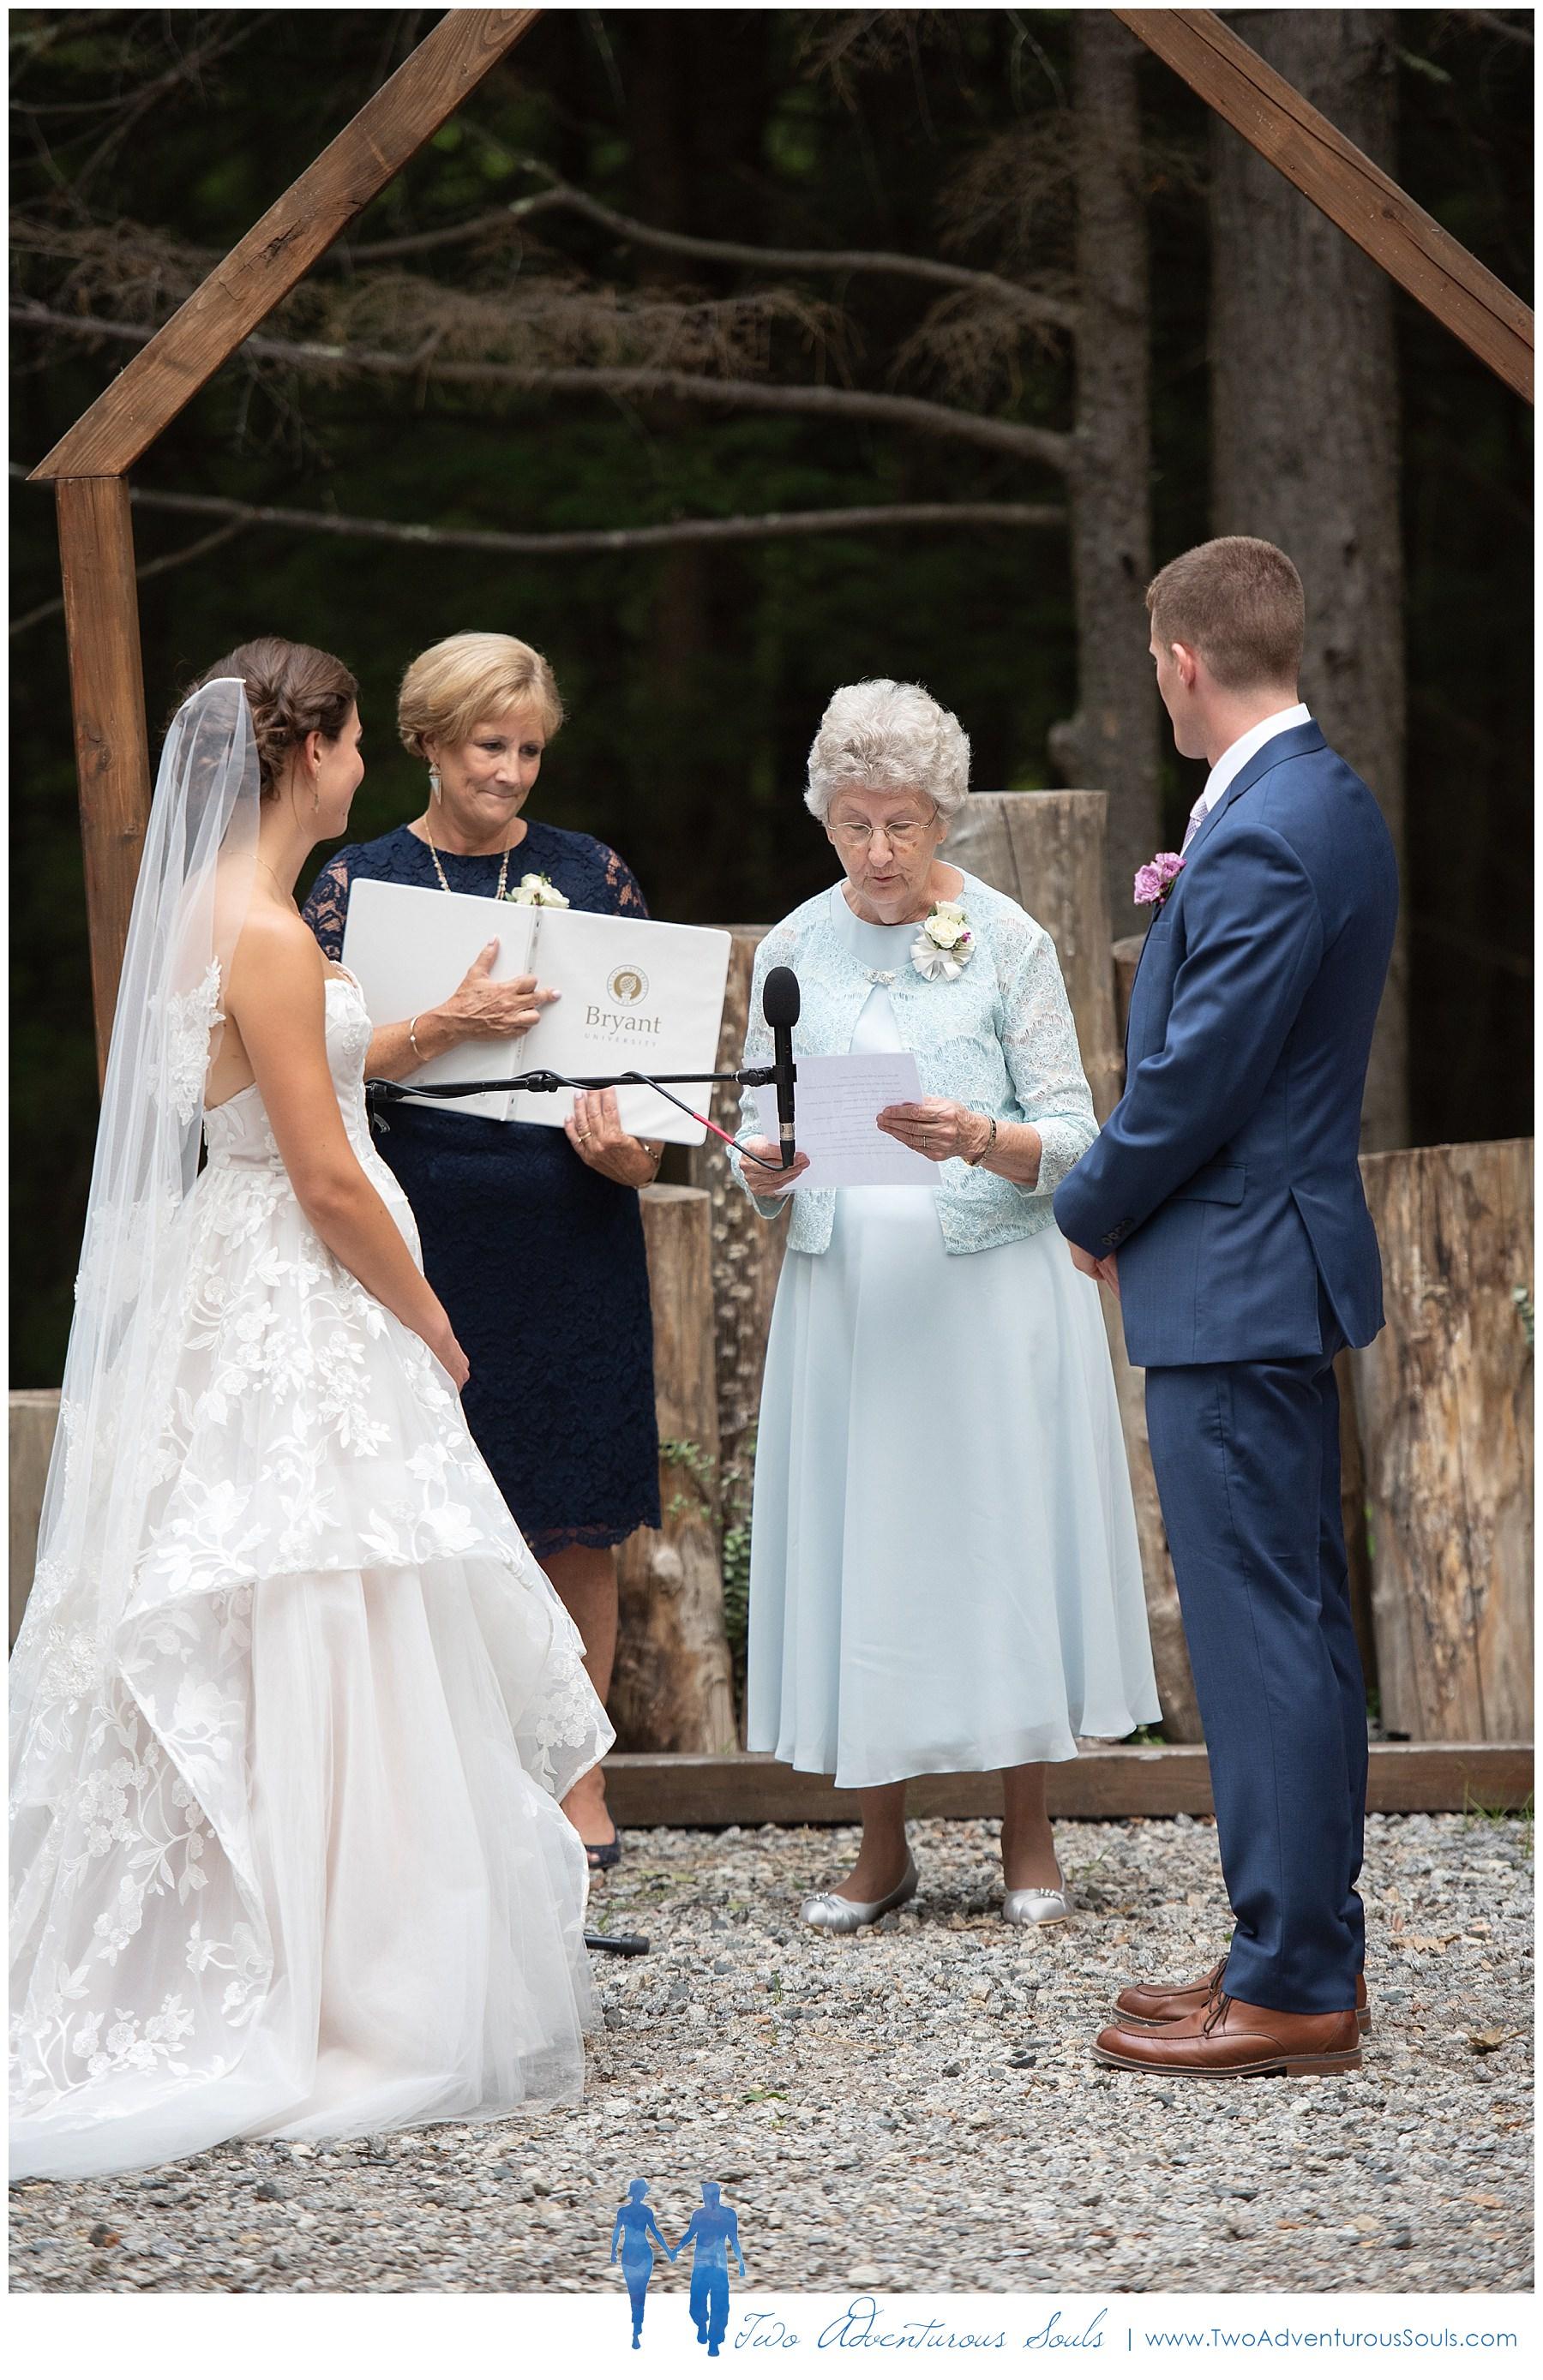 Maine Wedding Photographers, Granite Ridge Estate Wedding Photographers, Two Adventurous Souls - 080319_0038.jpg